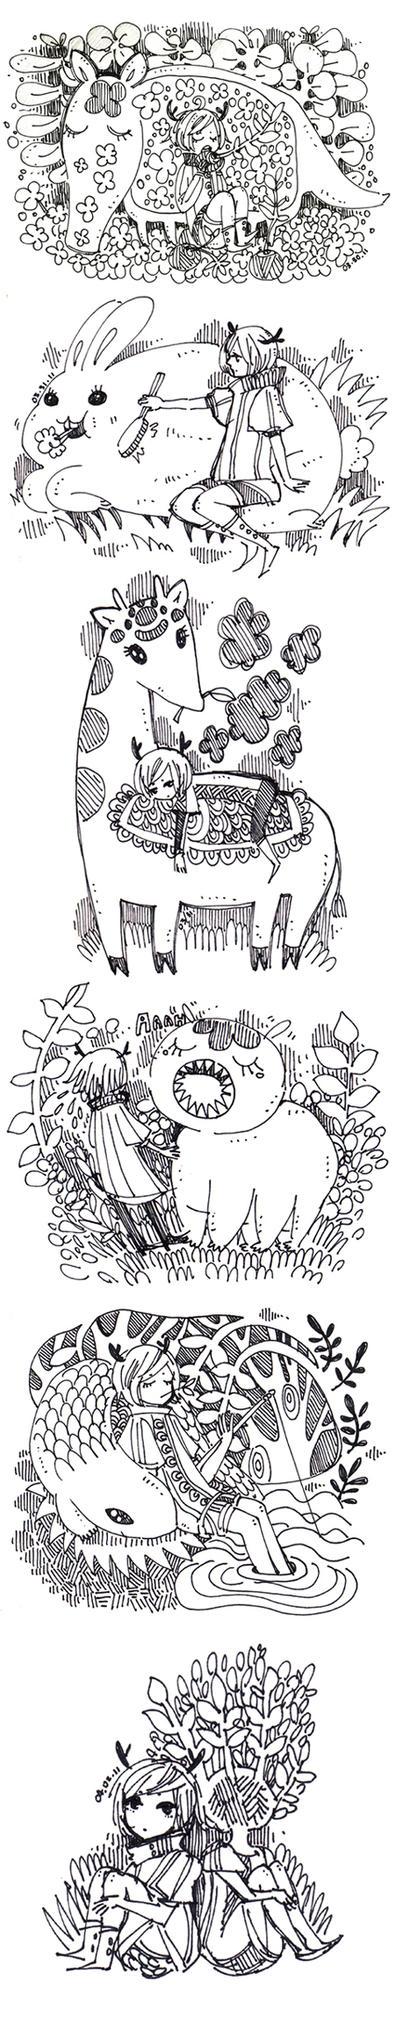 sketch dump by koyamori